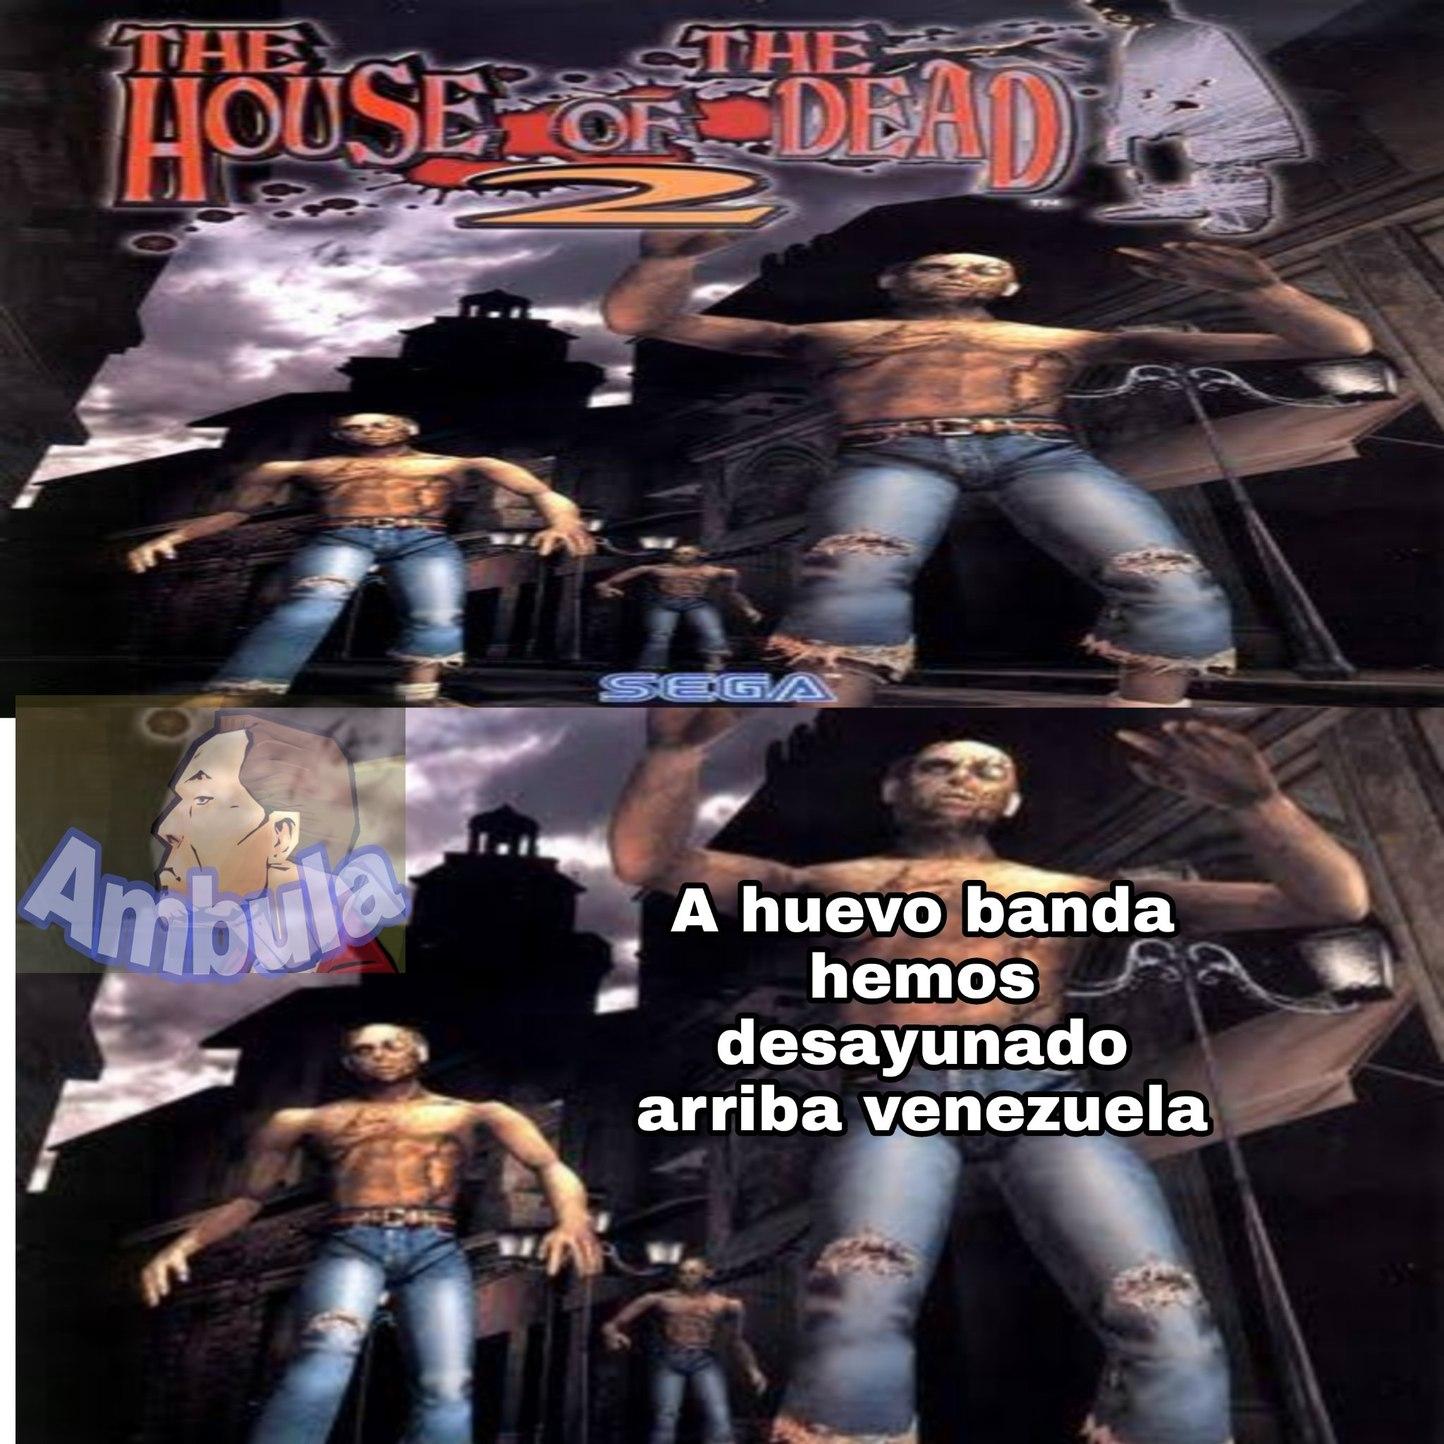 Venezuela sin hambre - meme